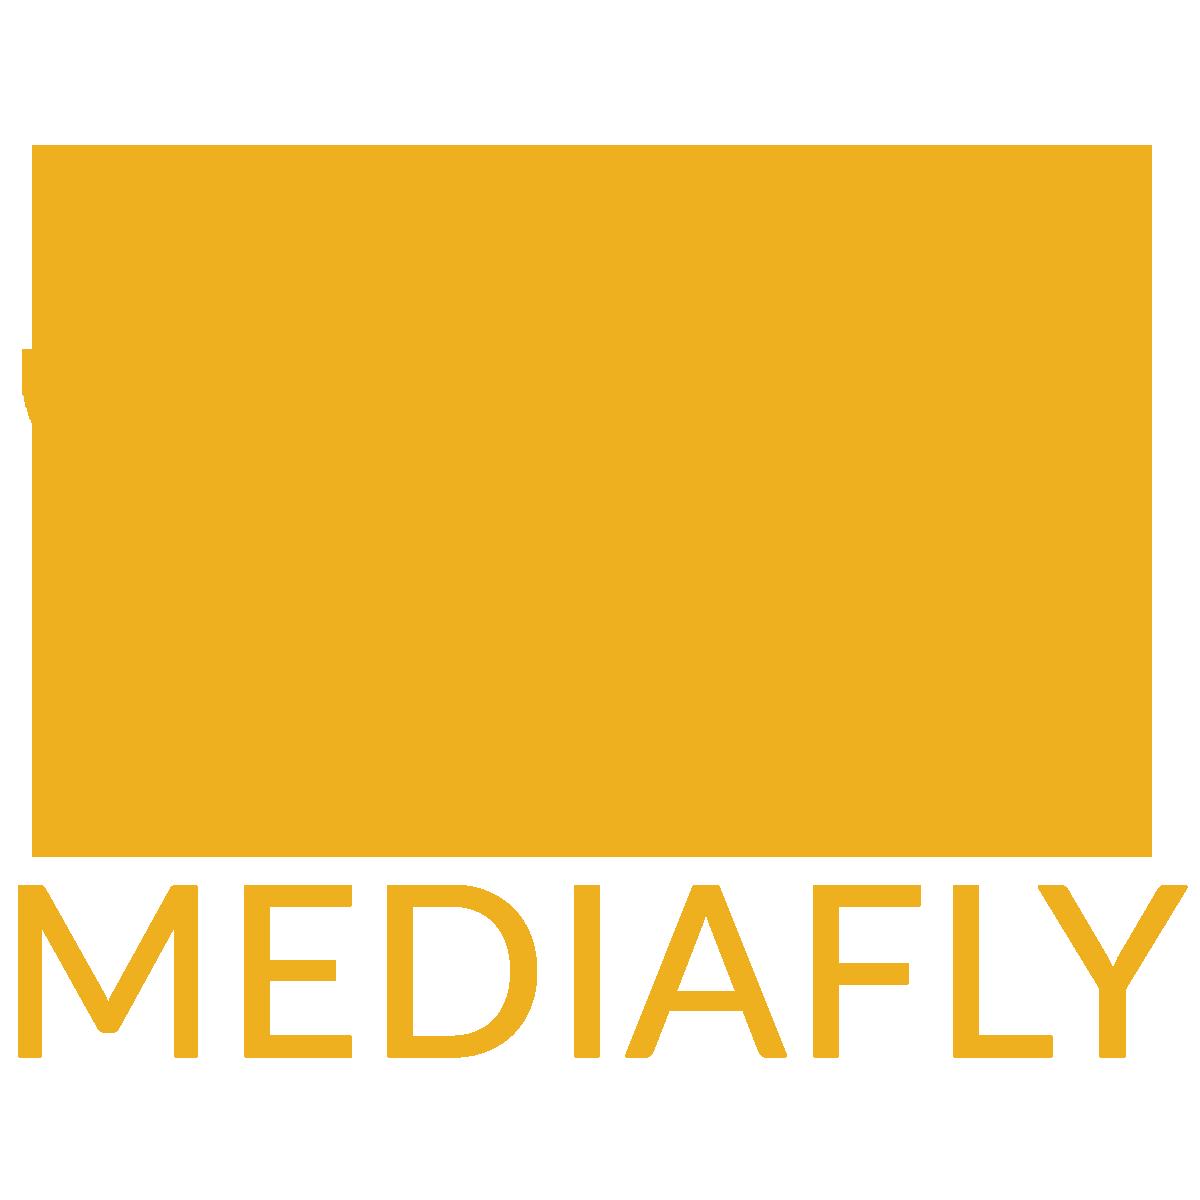 Media Fly